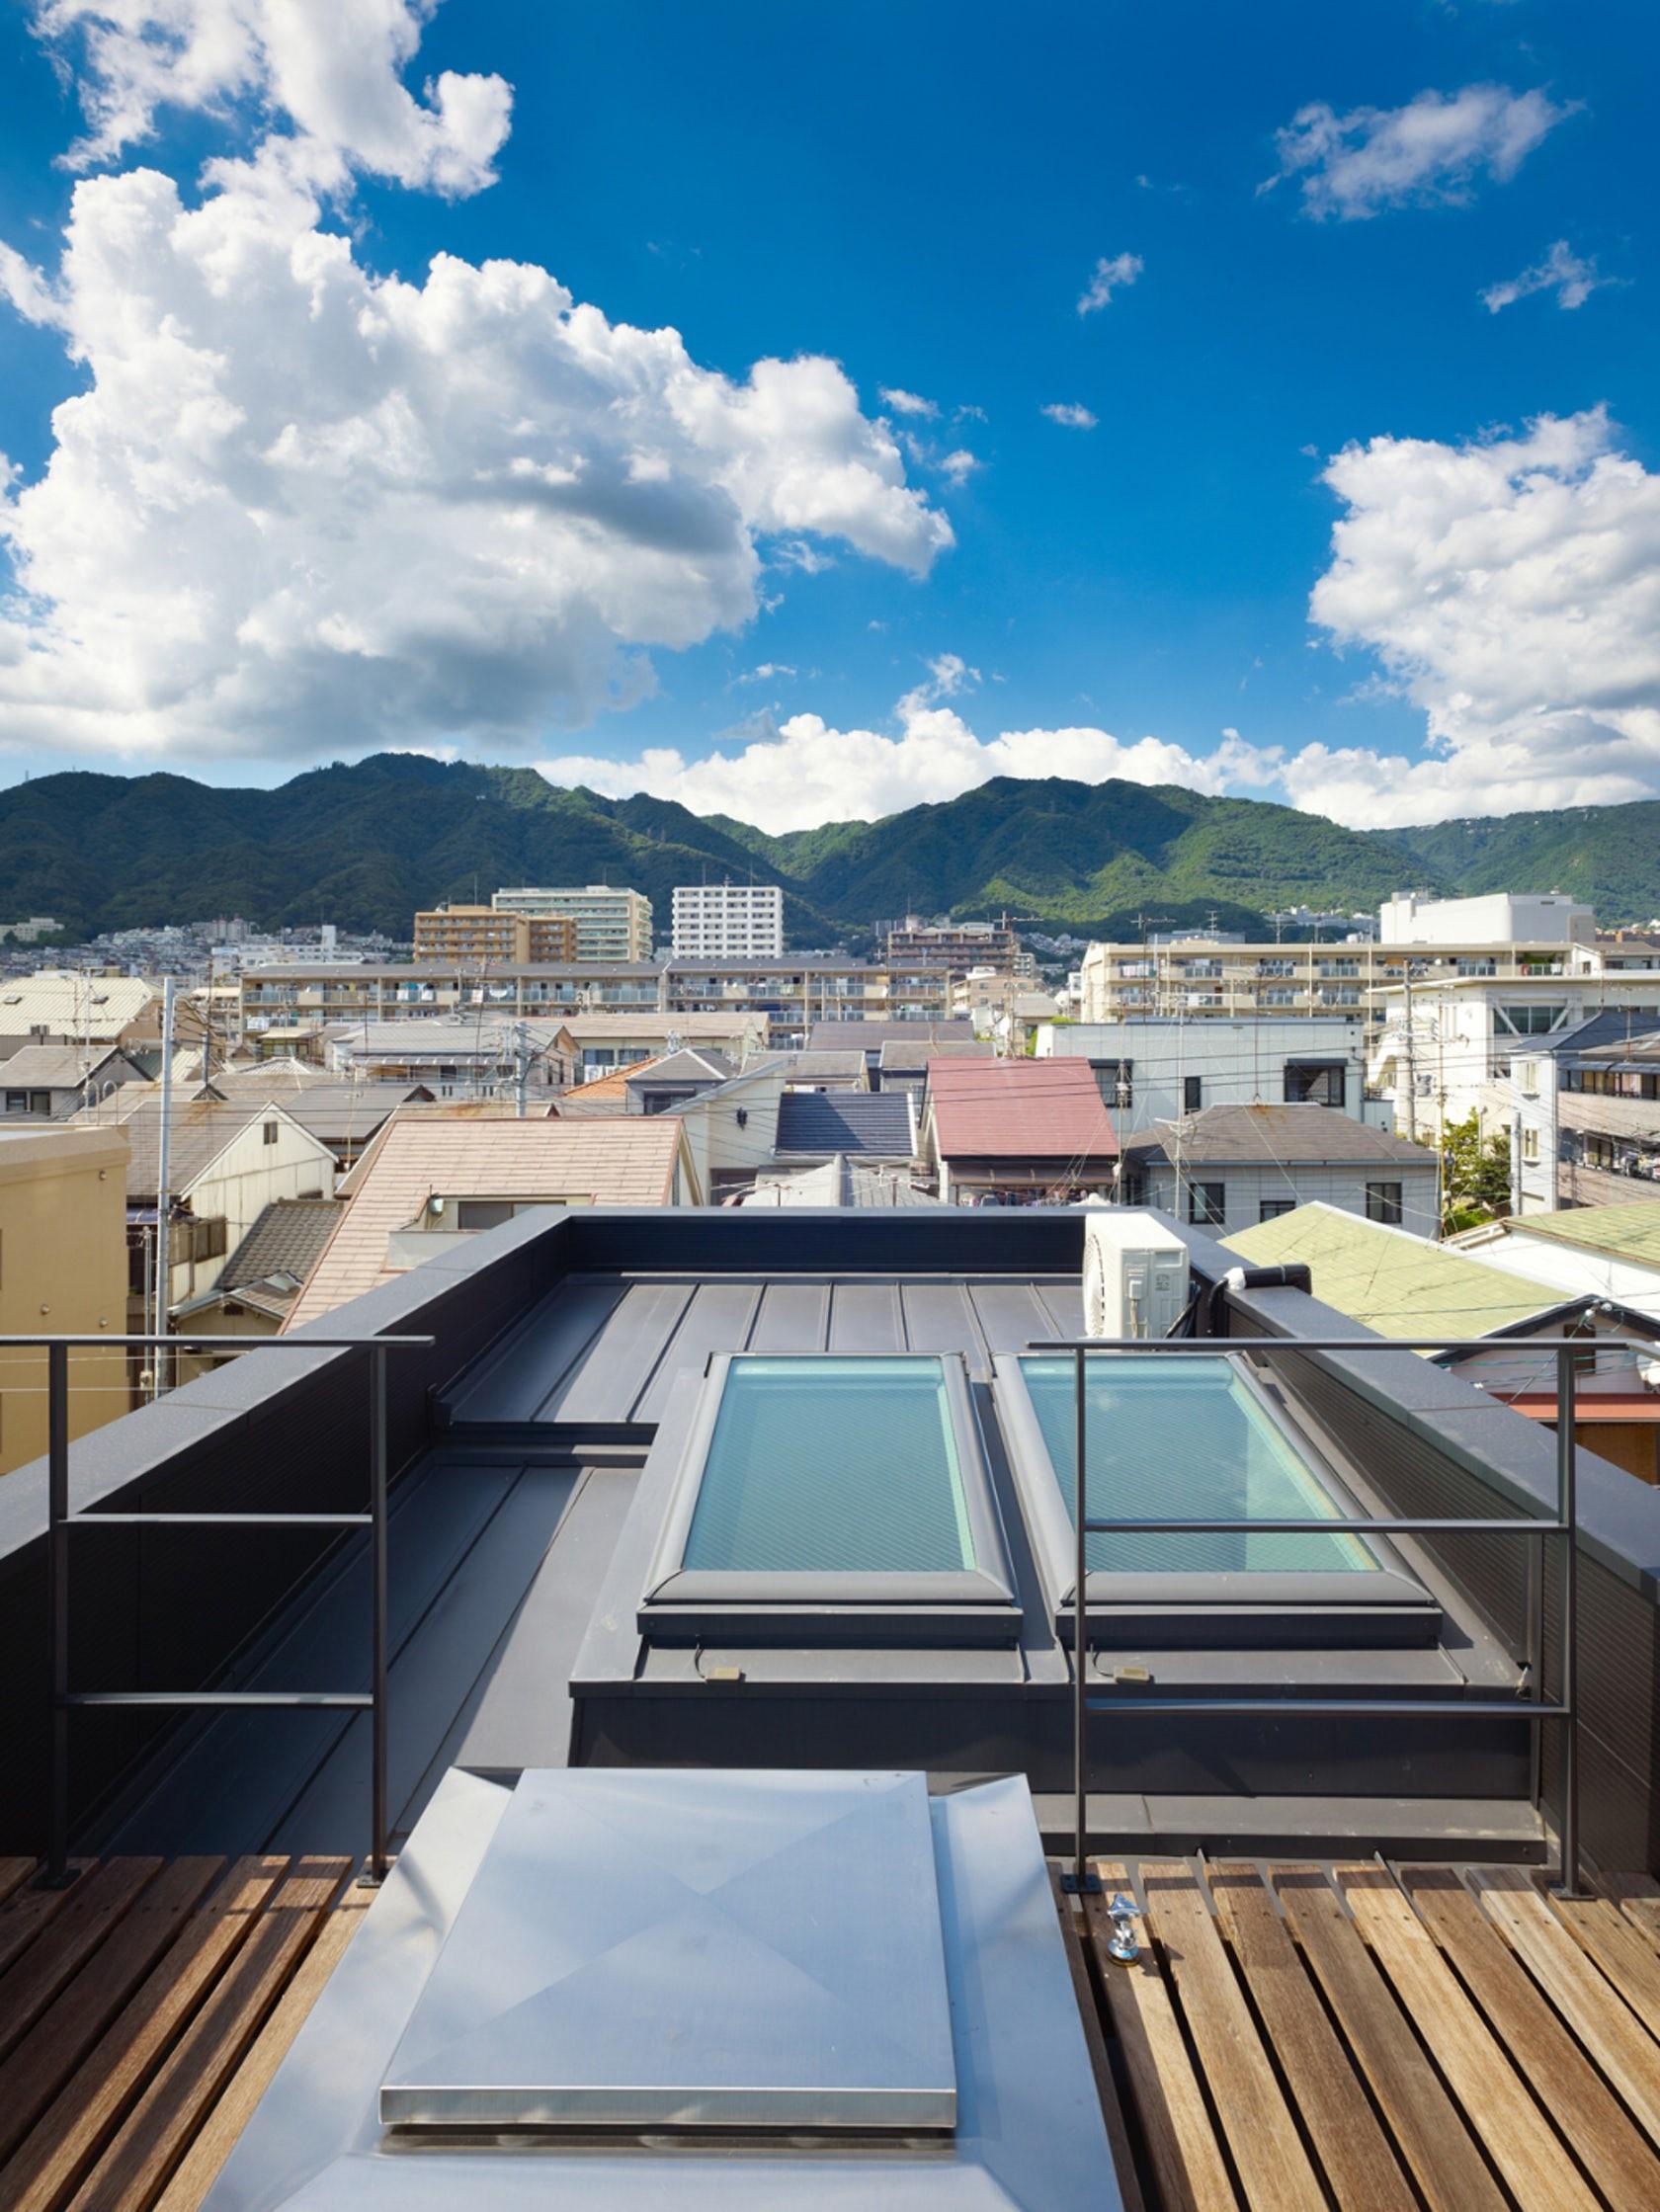 Ngôi nhà tí hon với mặt tiền hẹp 2,5m ở Nhật, sâu hun hút nhưng gây bất ngờ nhờ sở hữu thiết kế quá thông minh - Ảnh 3.